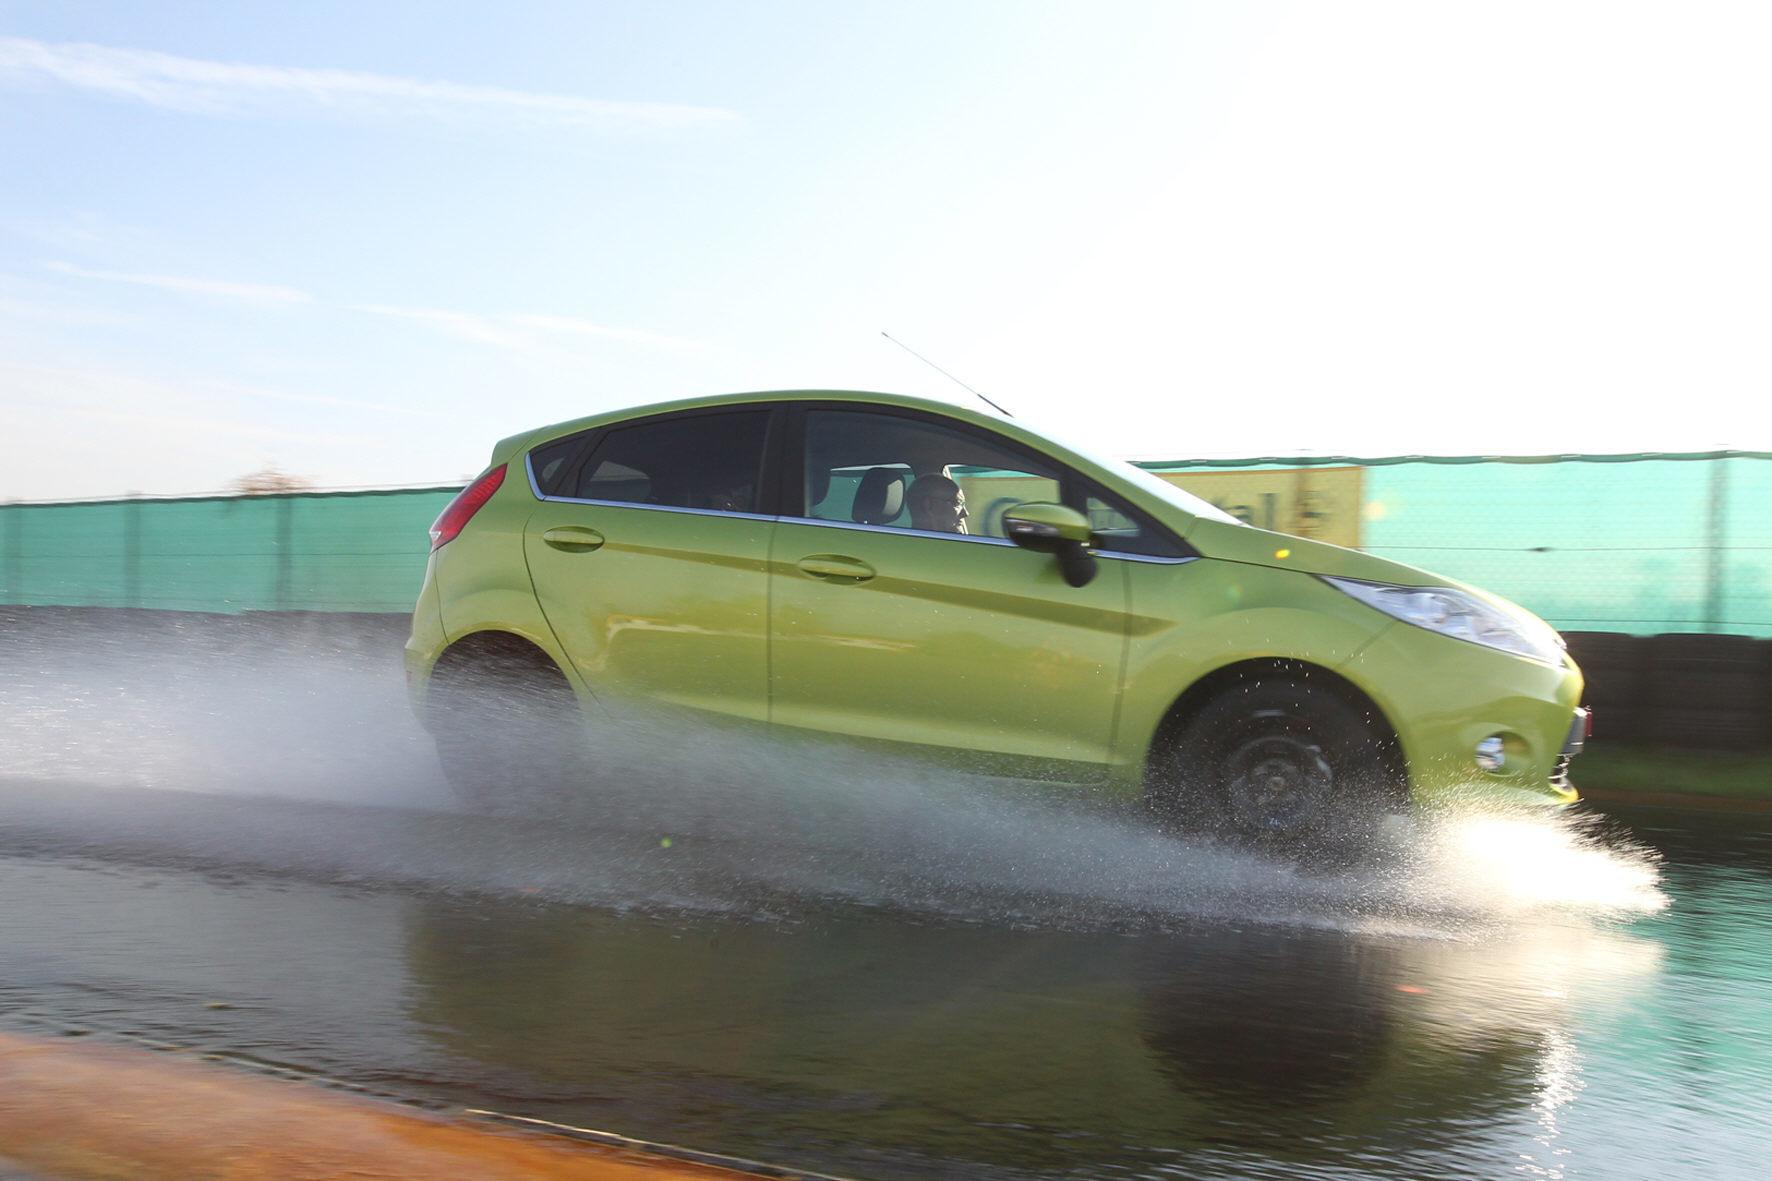 mid Groß-Gerau - Verliert ein Auto bei nasser Fahrbahn den Kontakt zur Straße, sind abrupte Lenk- und Bremsmanöver tabu.